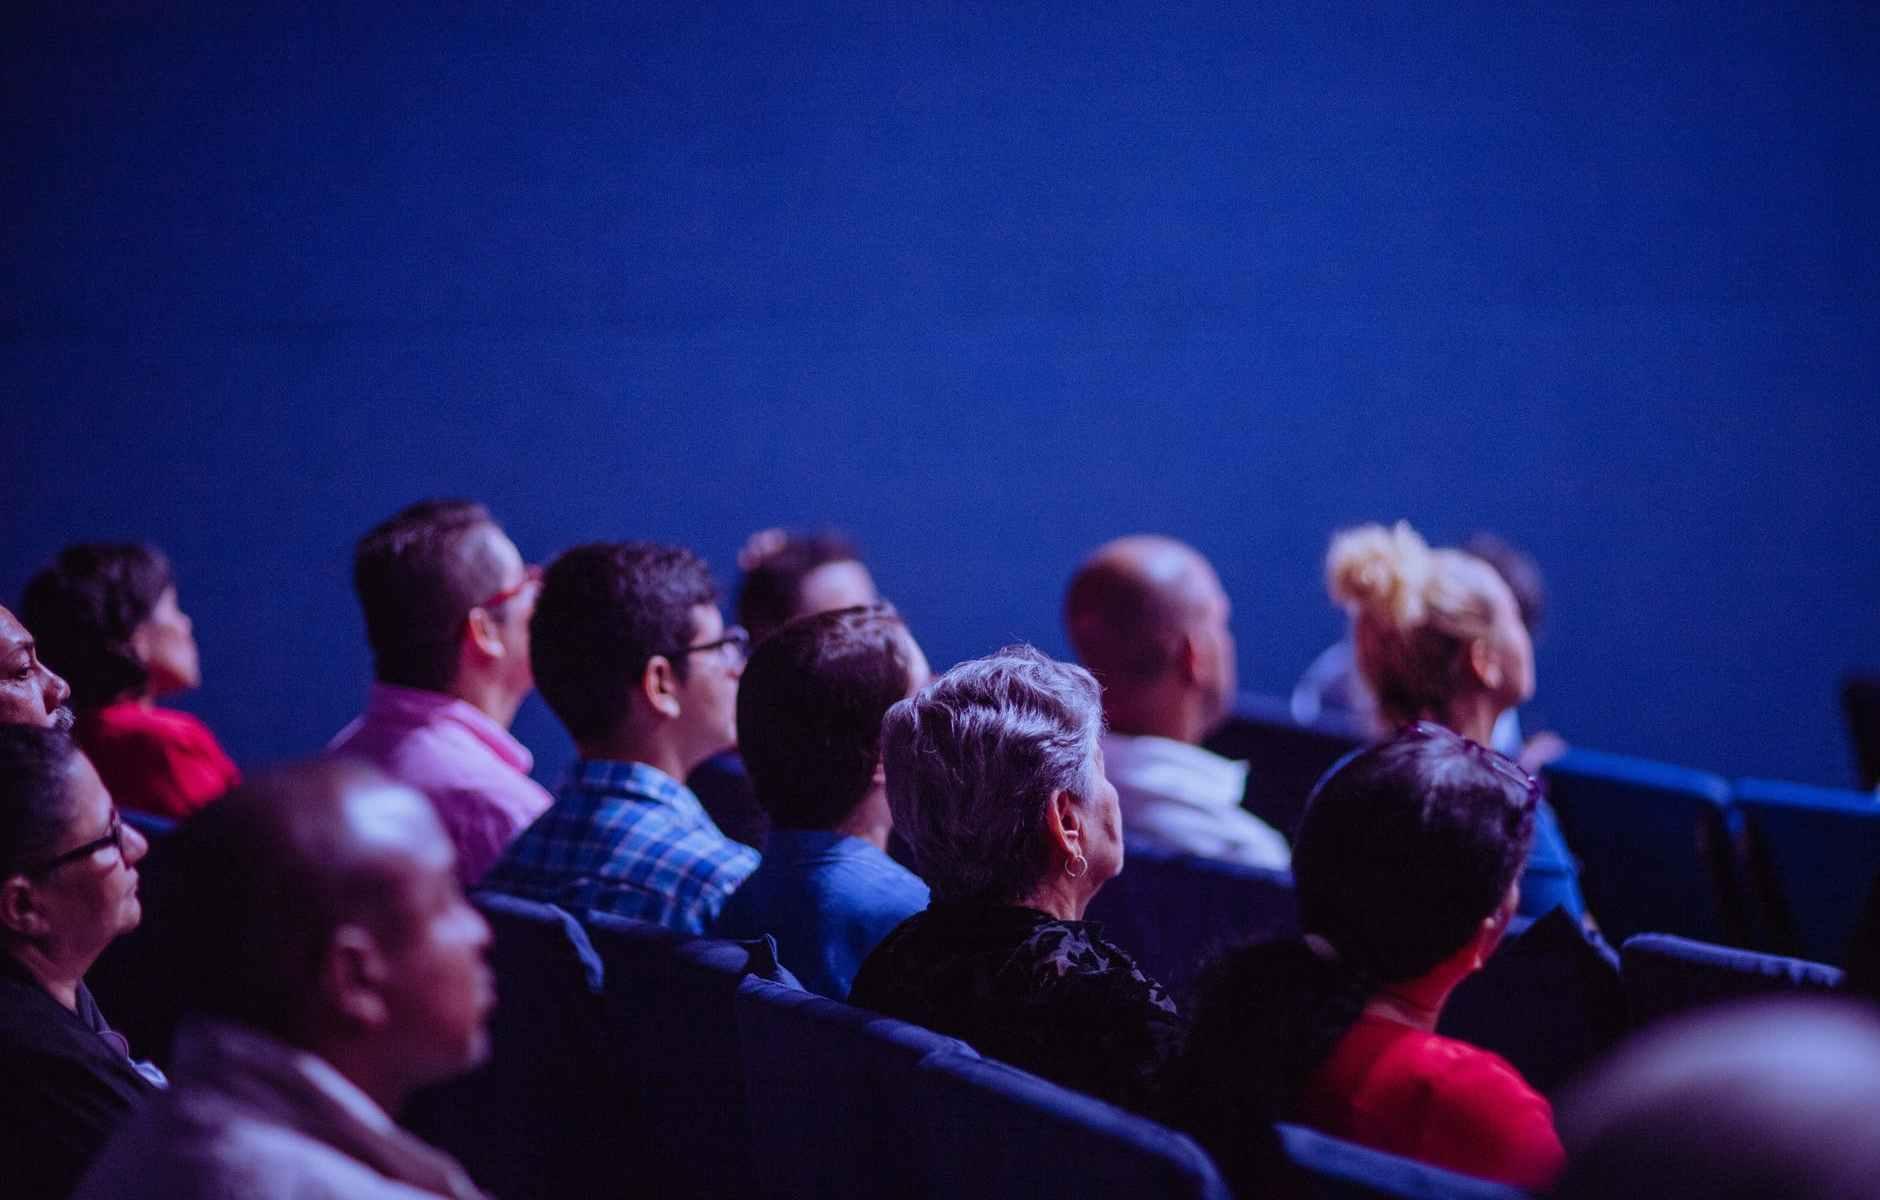 cinema-pubblico-platea-persone-poltrone